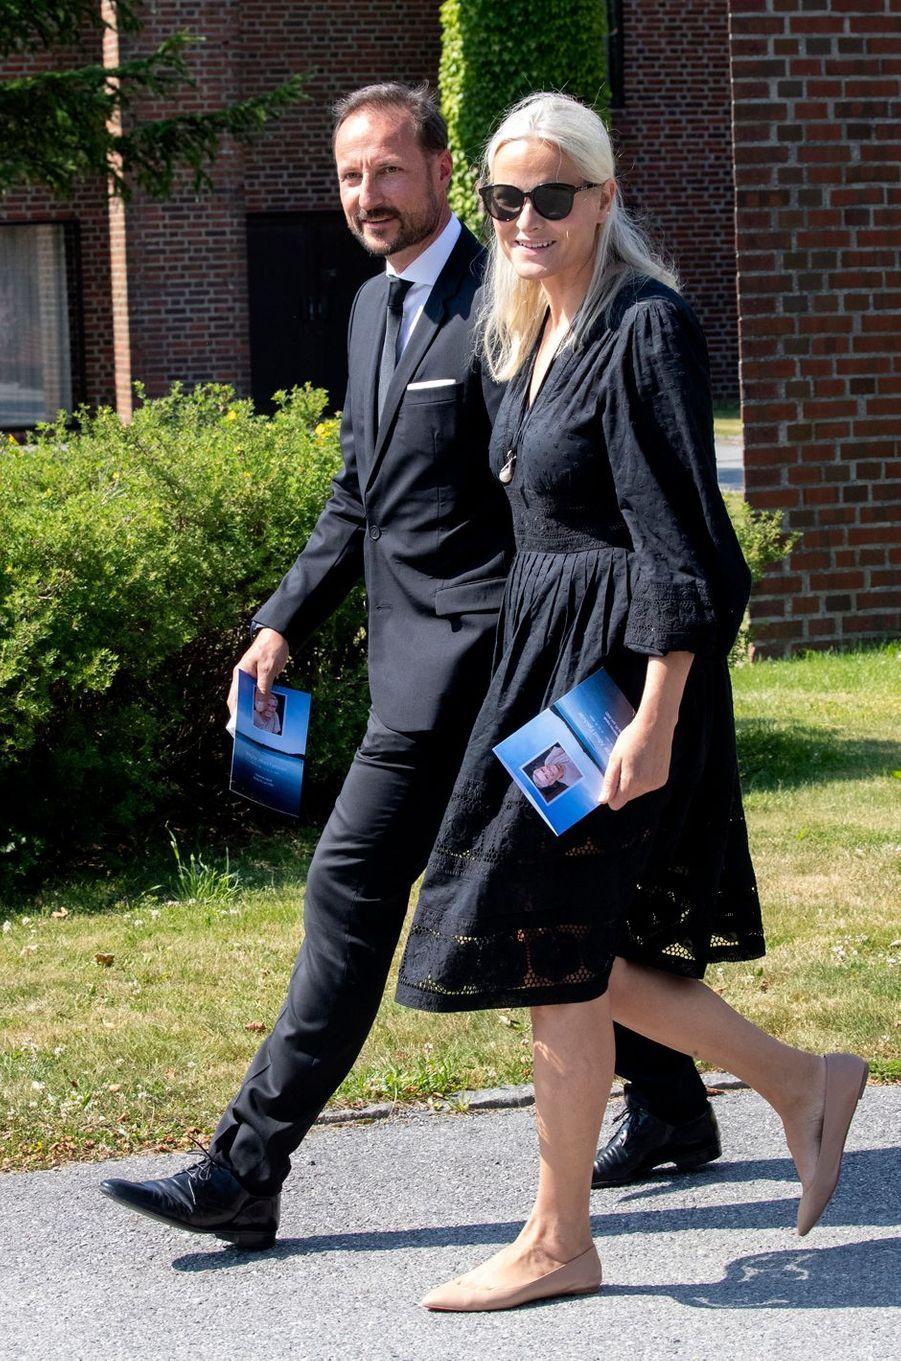 La princesse Mette-Marit et le prince héritier Haakon de Norvège à Kristiansand, le 29 juin 2020